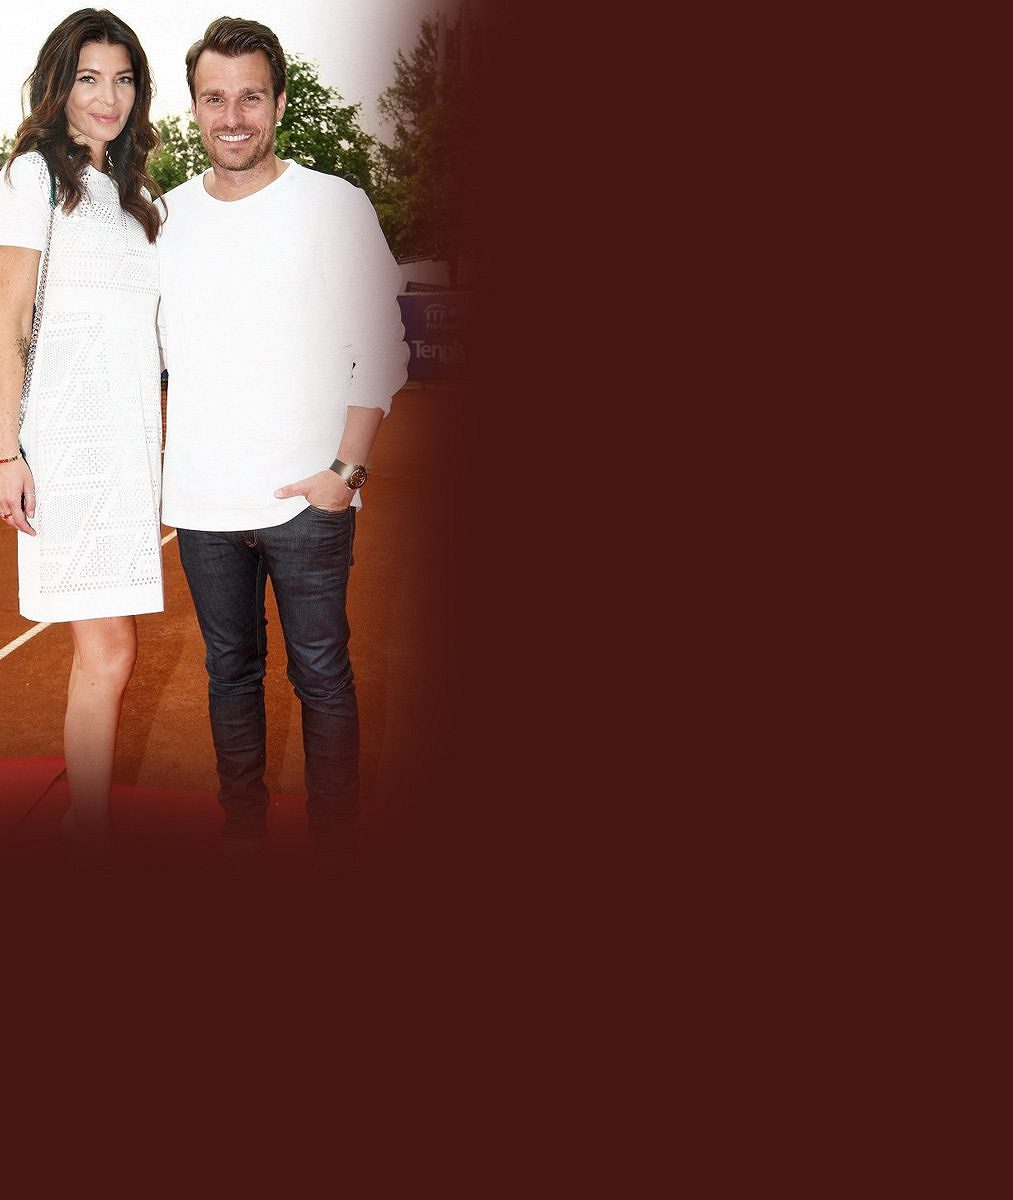 Nejdřív svatba, teď dítě! Leoš Mareš a jeho krásná manželka Monika chtějí miminko